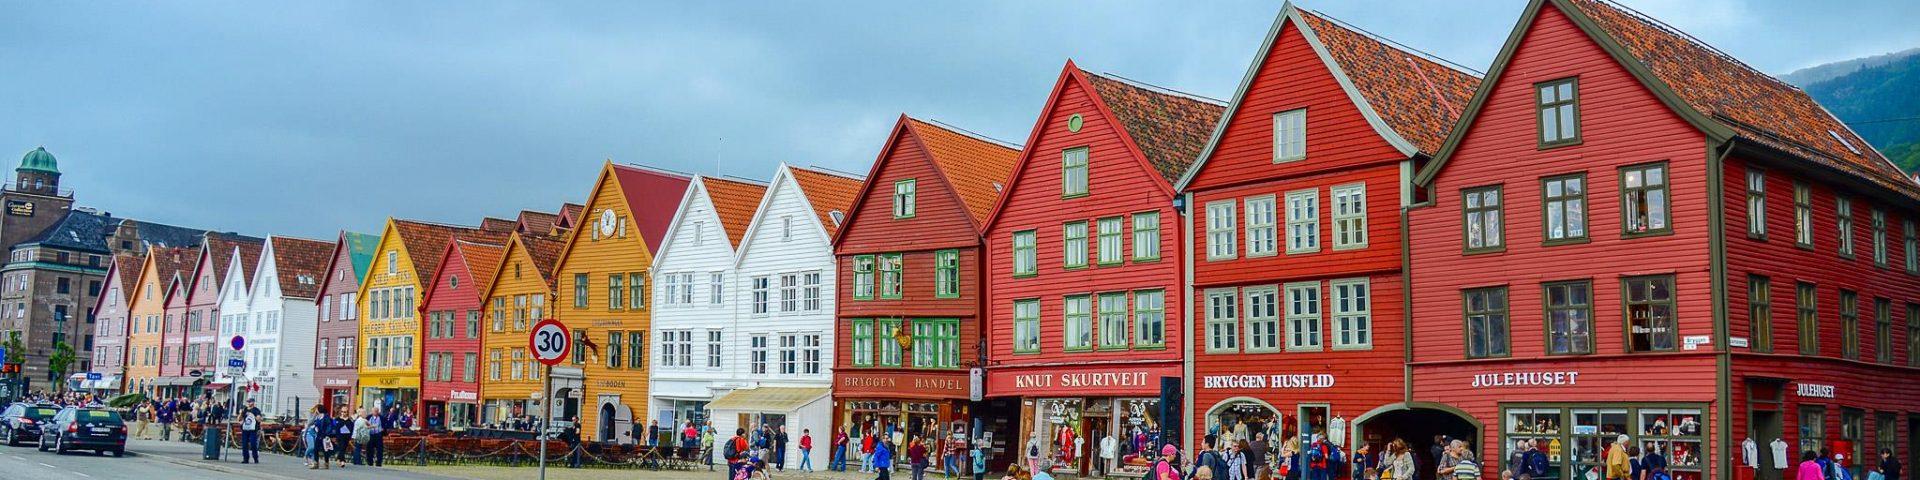 Bergen brygge norwegen meine Lieblingsstadt im Norden